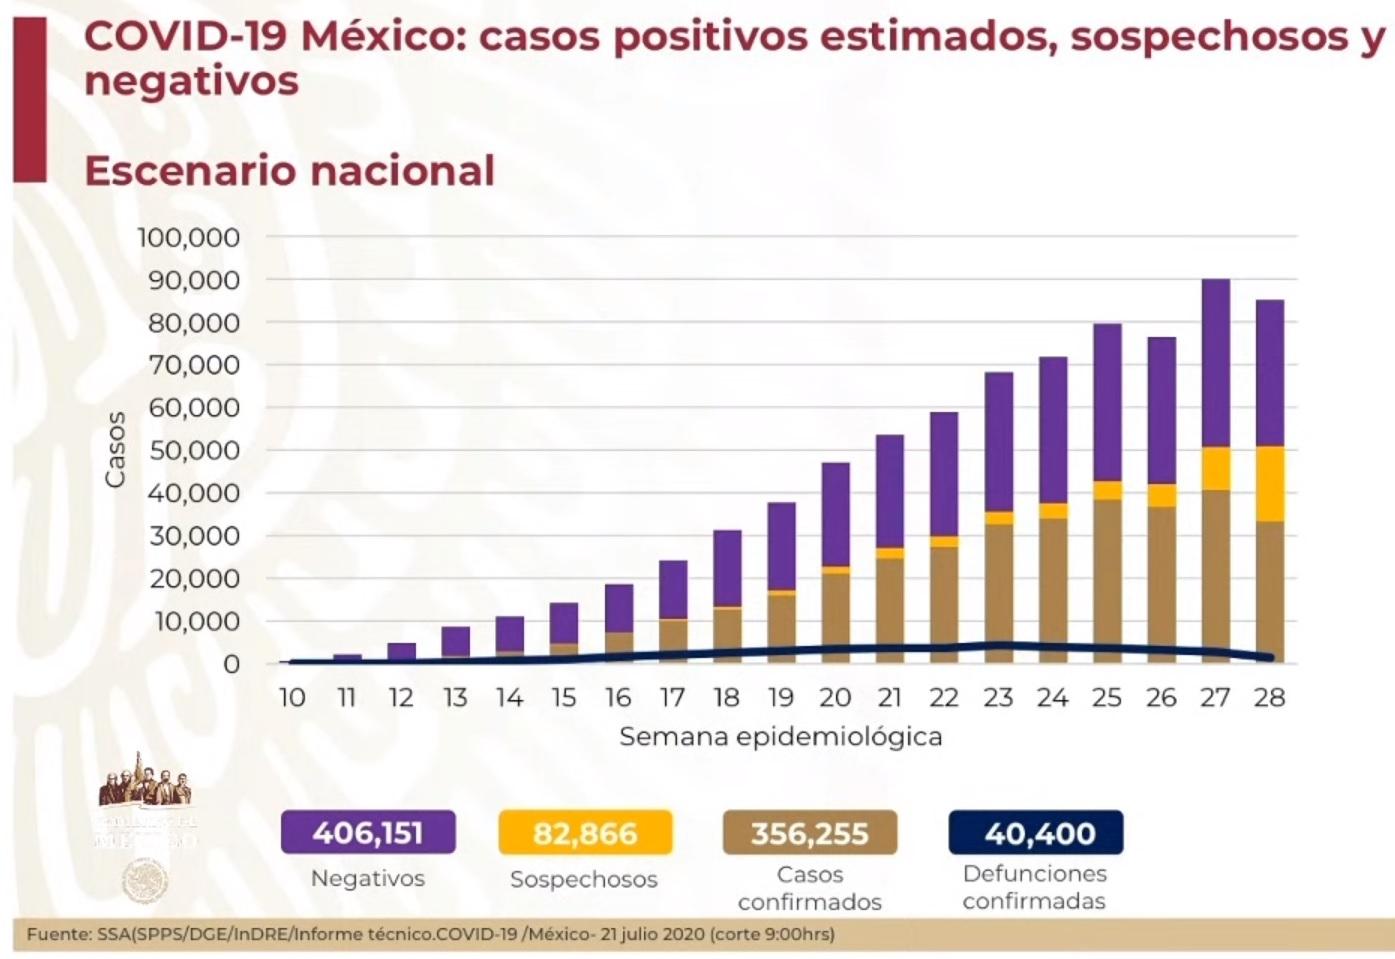 La pandemia sigue imparable: más de 40 mil muertes por COVID19